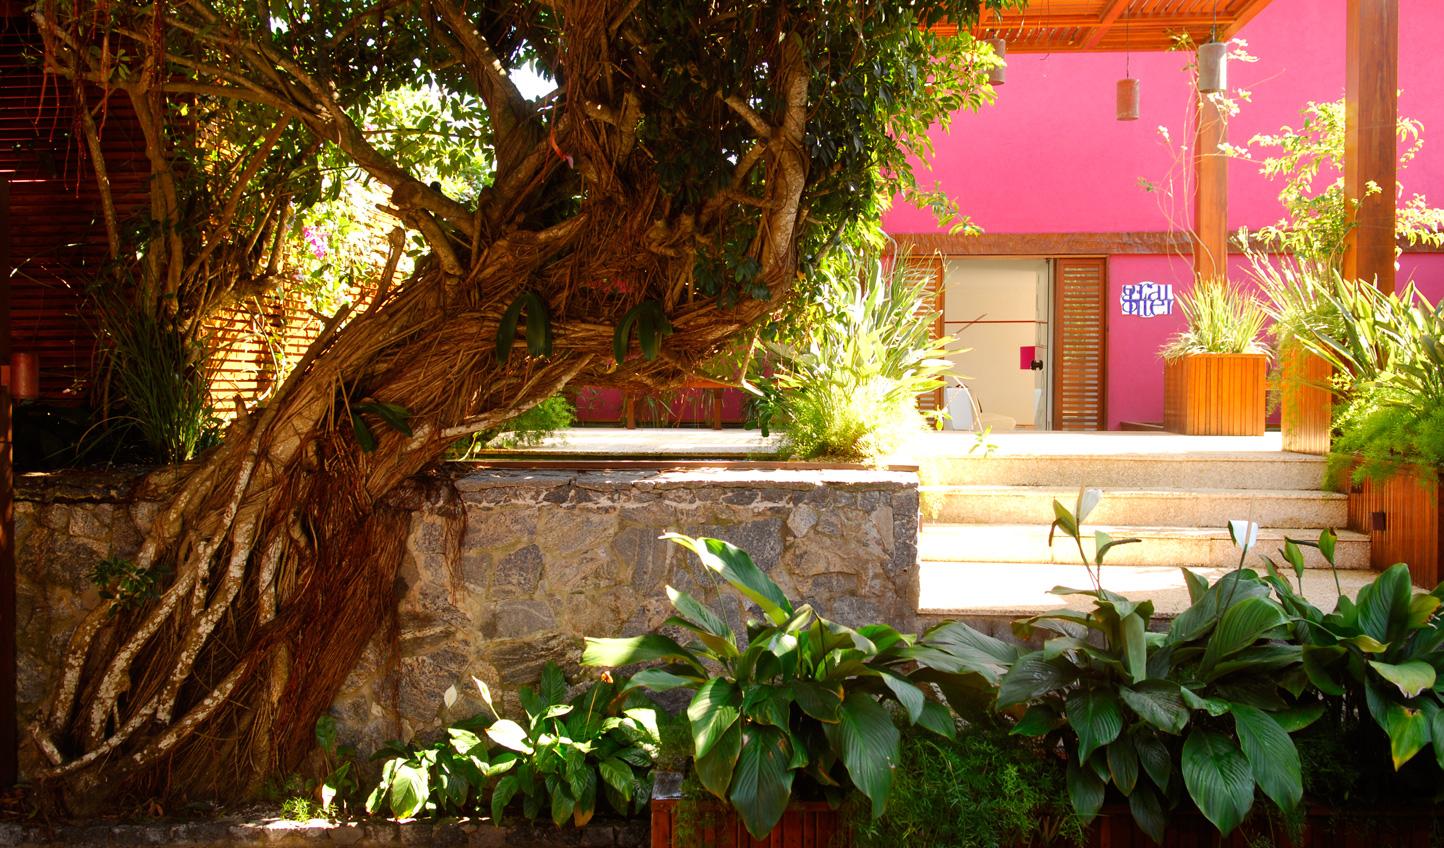 Make an entrance at Insolito